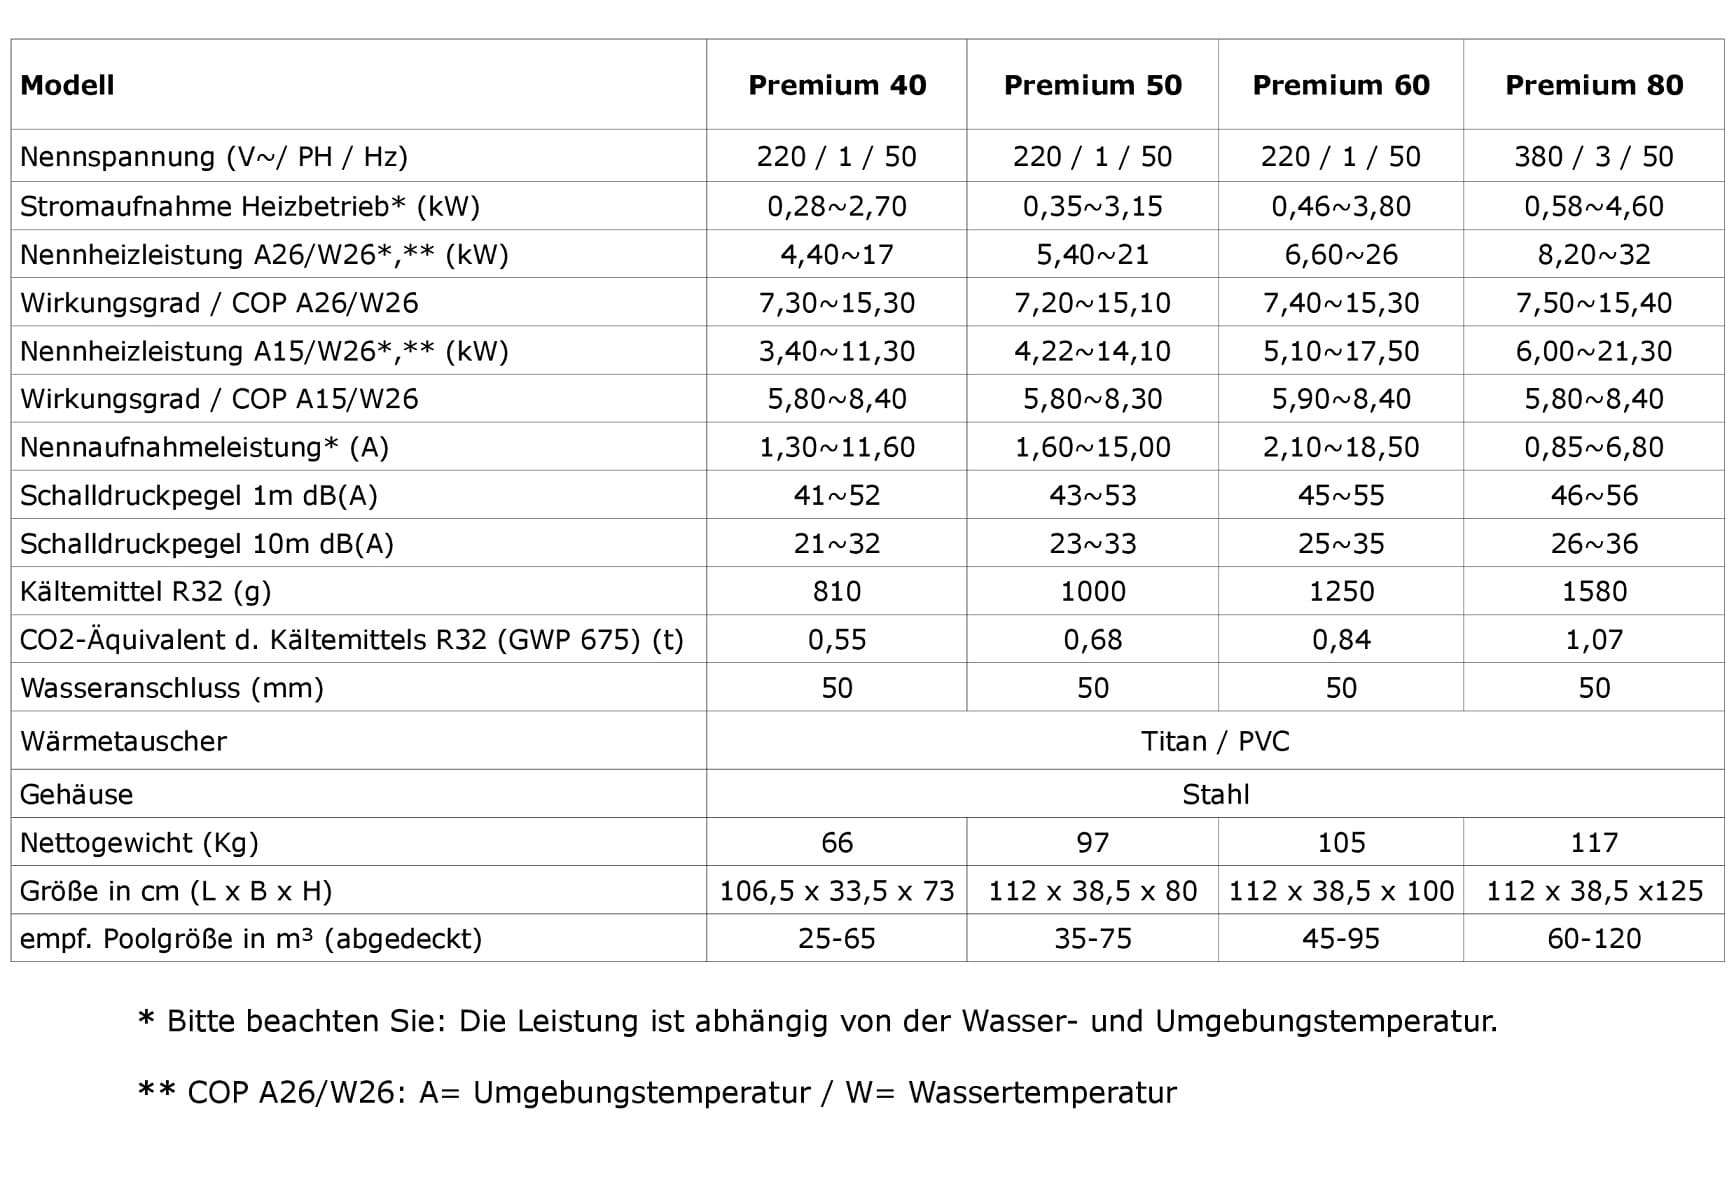 infotabelle-premiumweb04-2021-OHNE-Preise